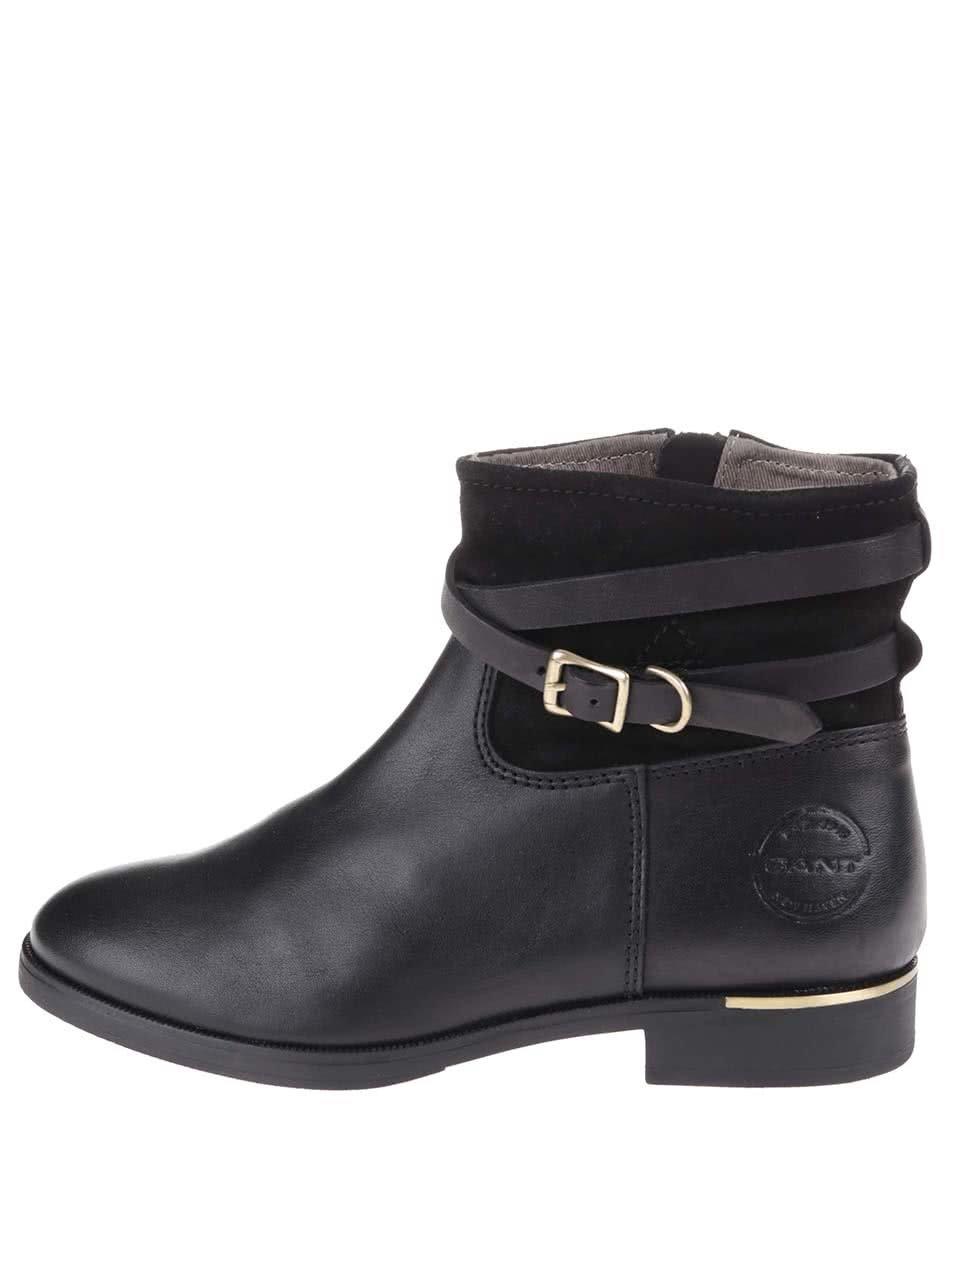 859f893810 Čierne dámske kožené členkové topánky Gant Laura ...